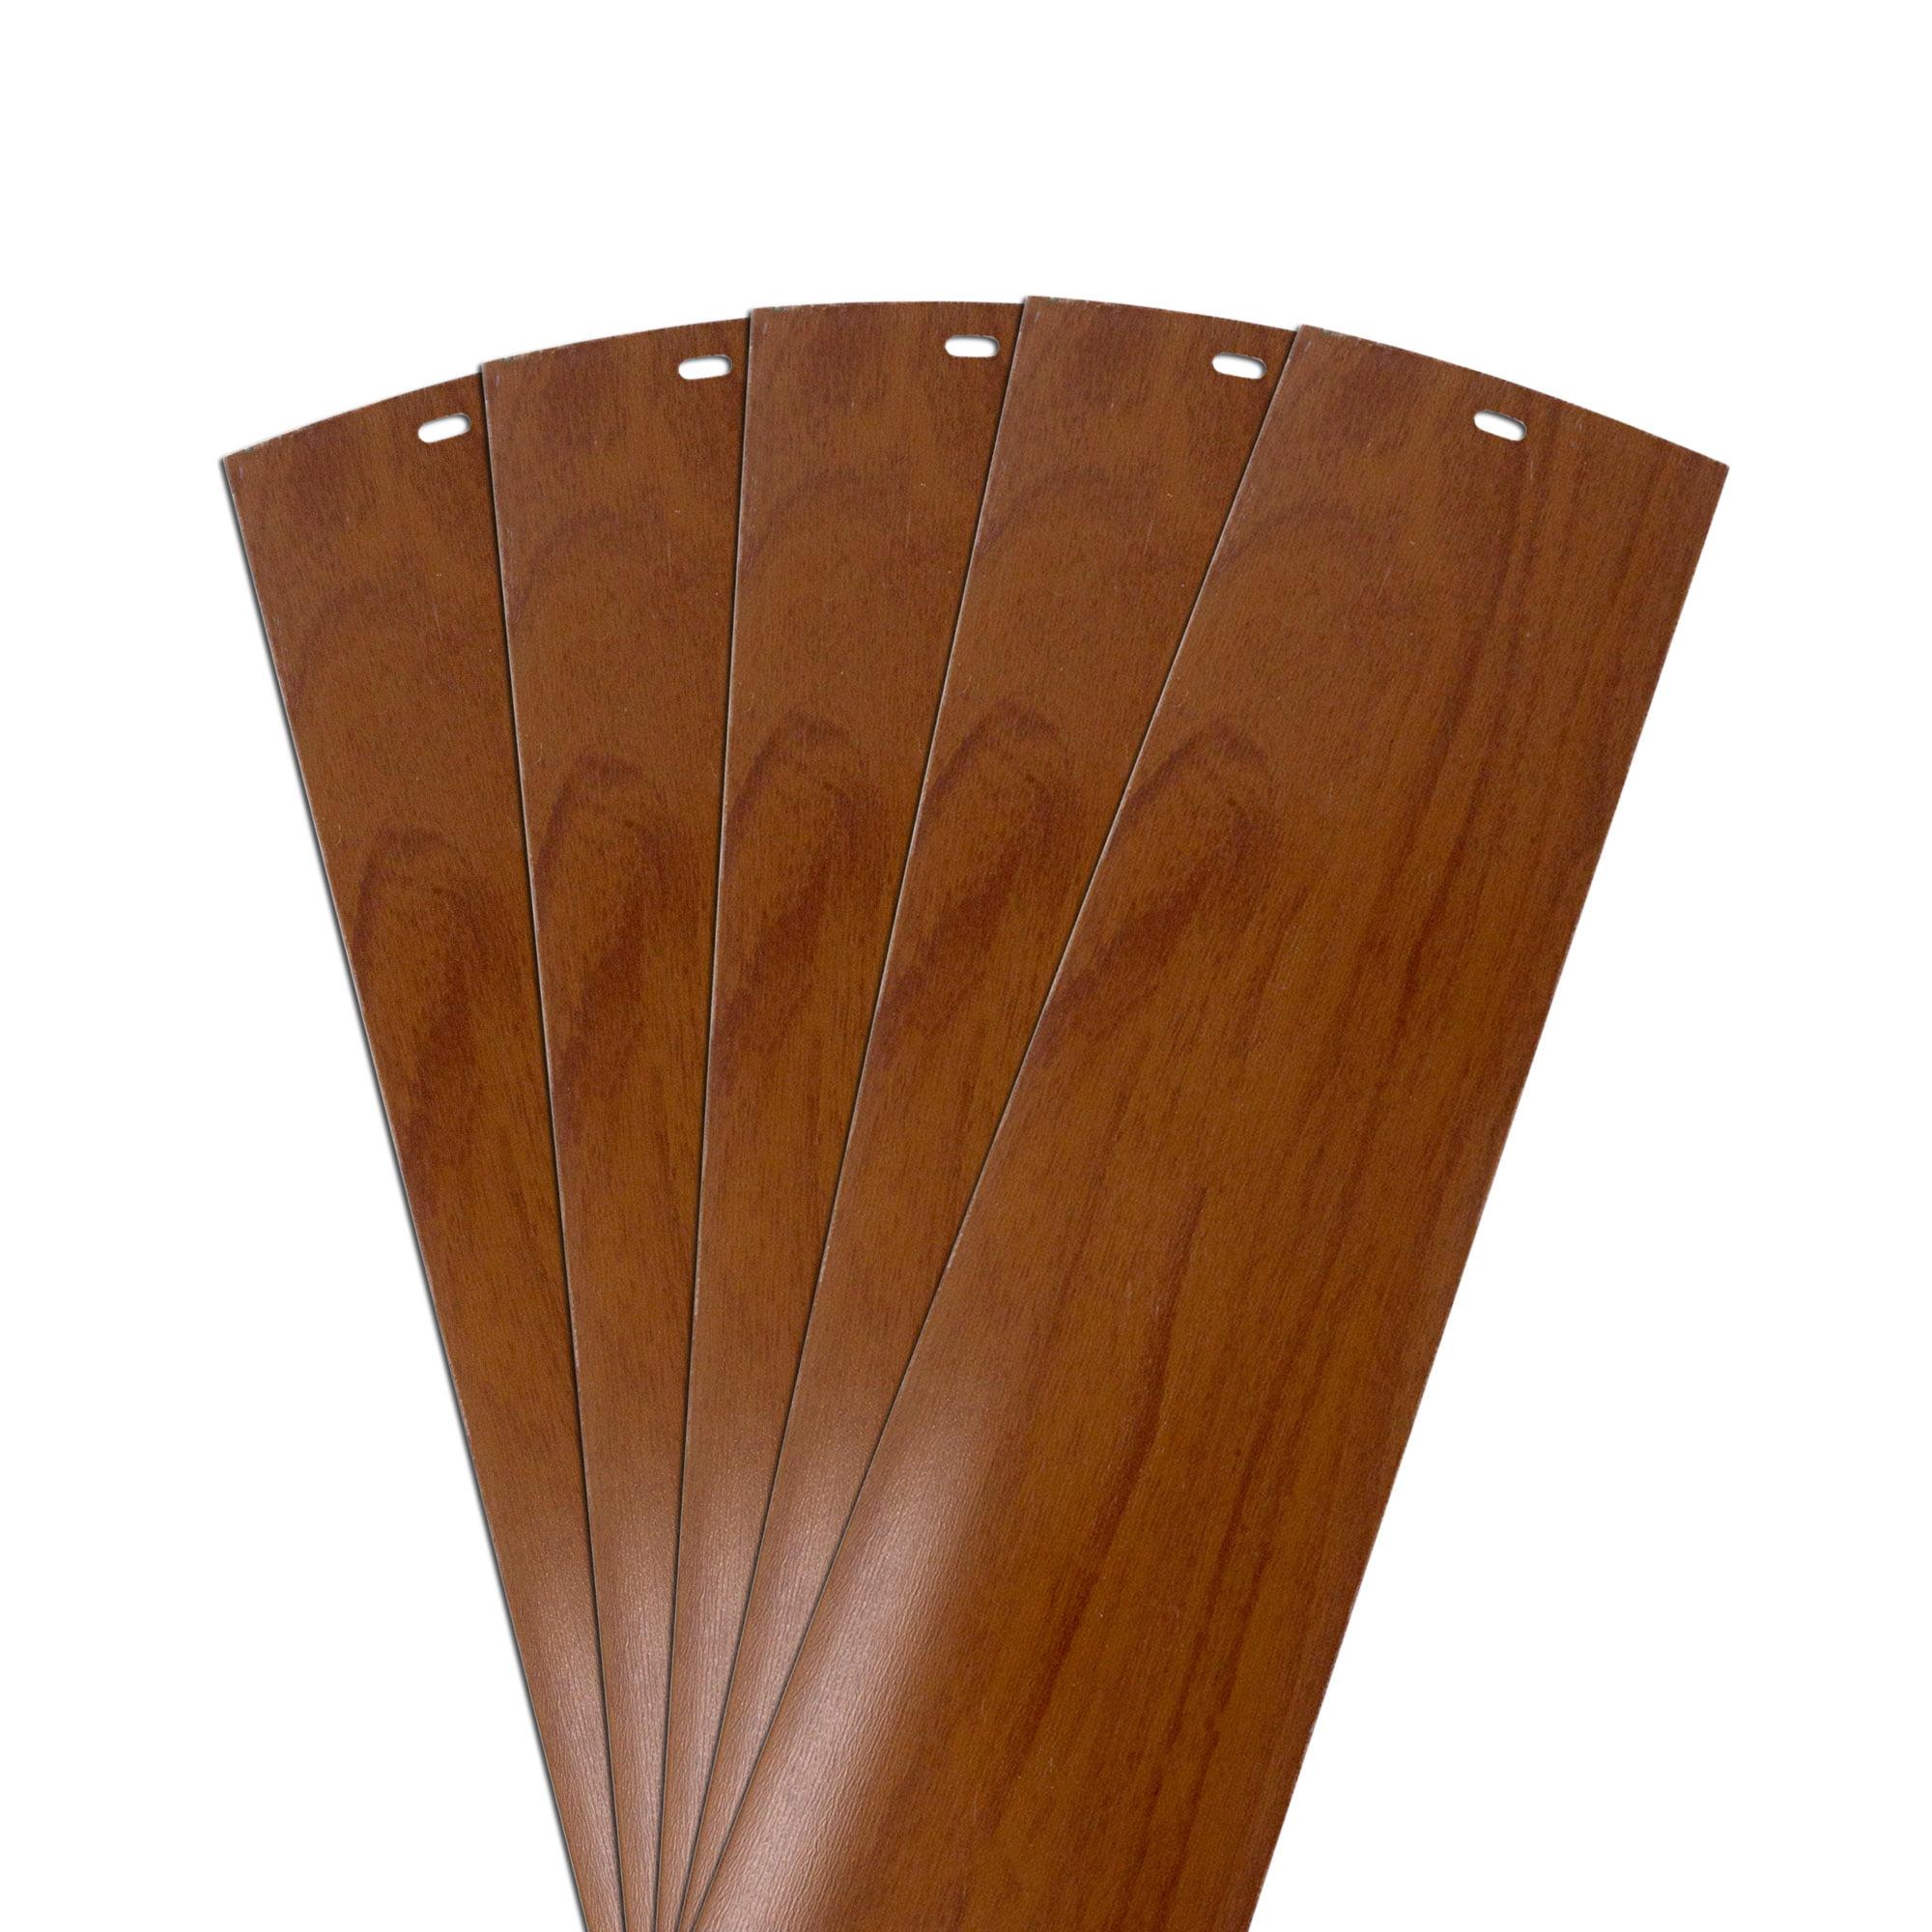 Dalix Wood Vinyl Vertical Blinds Parts Repair Set Walnut